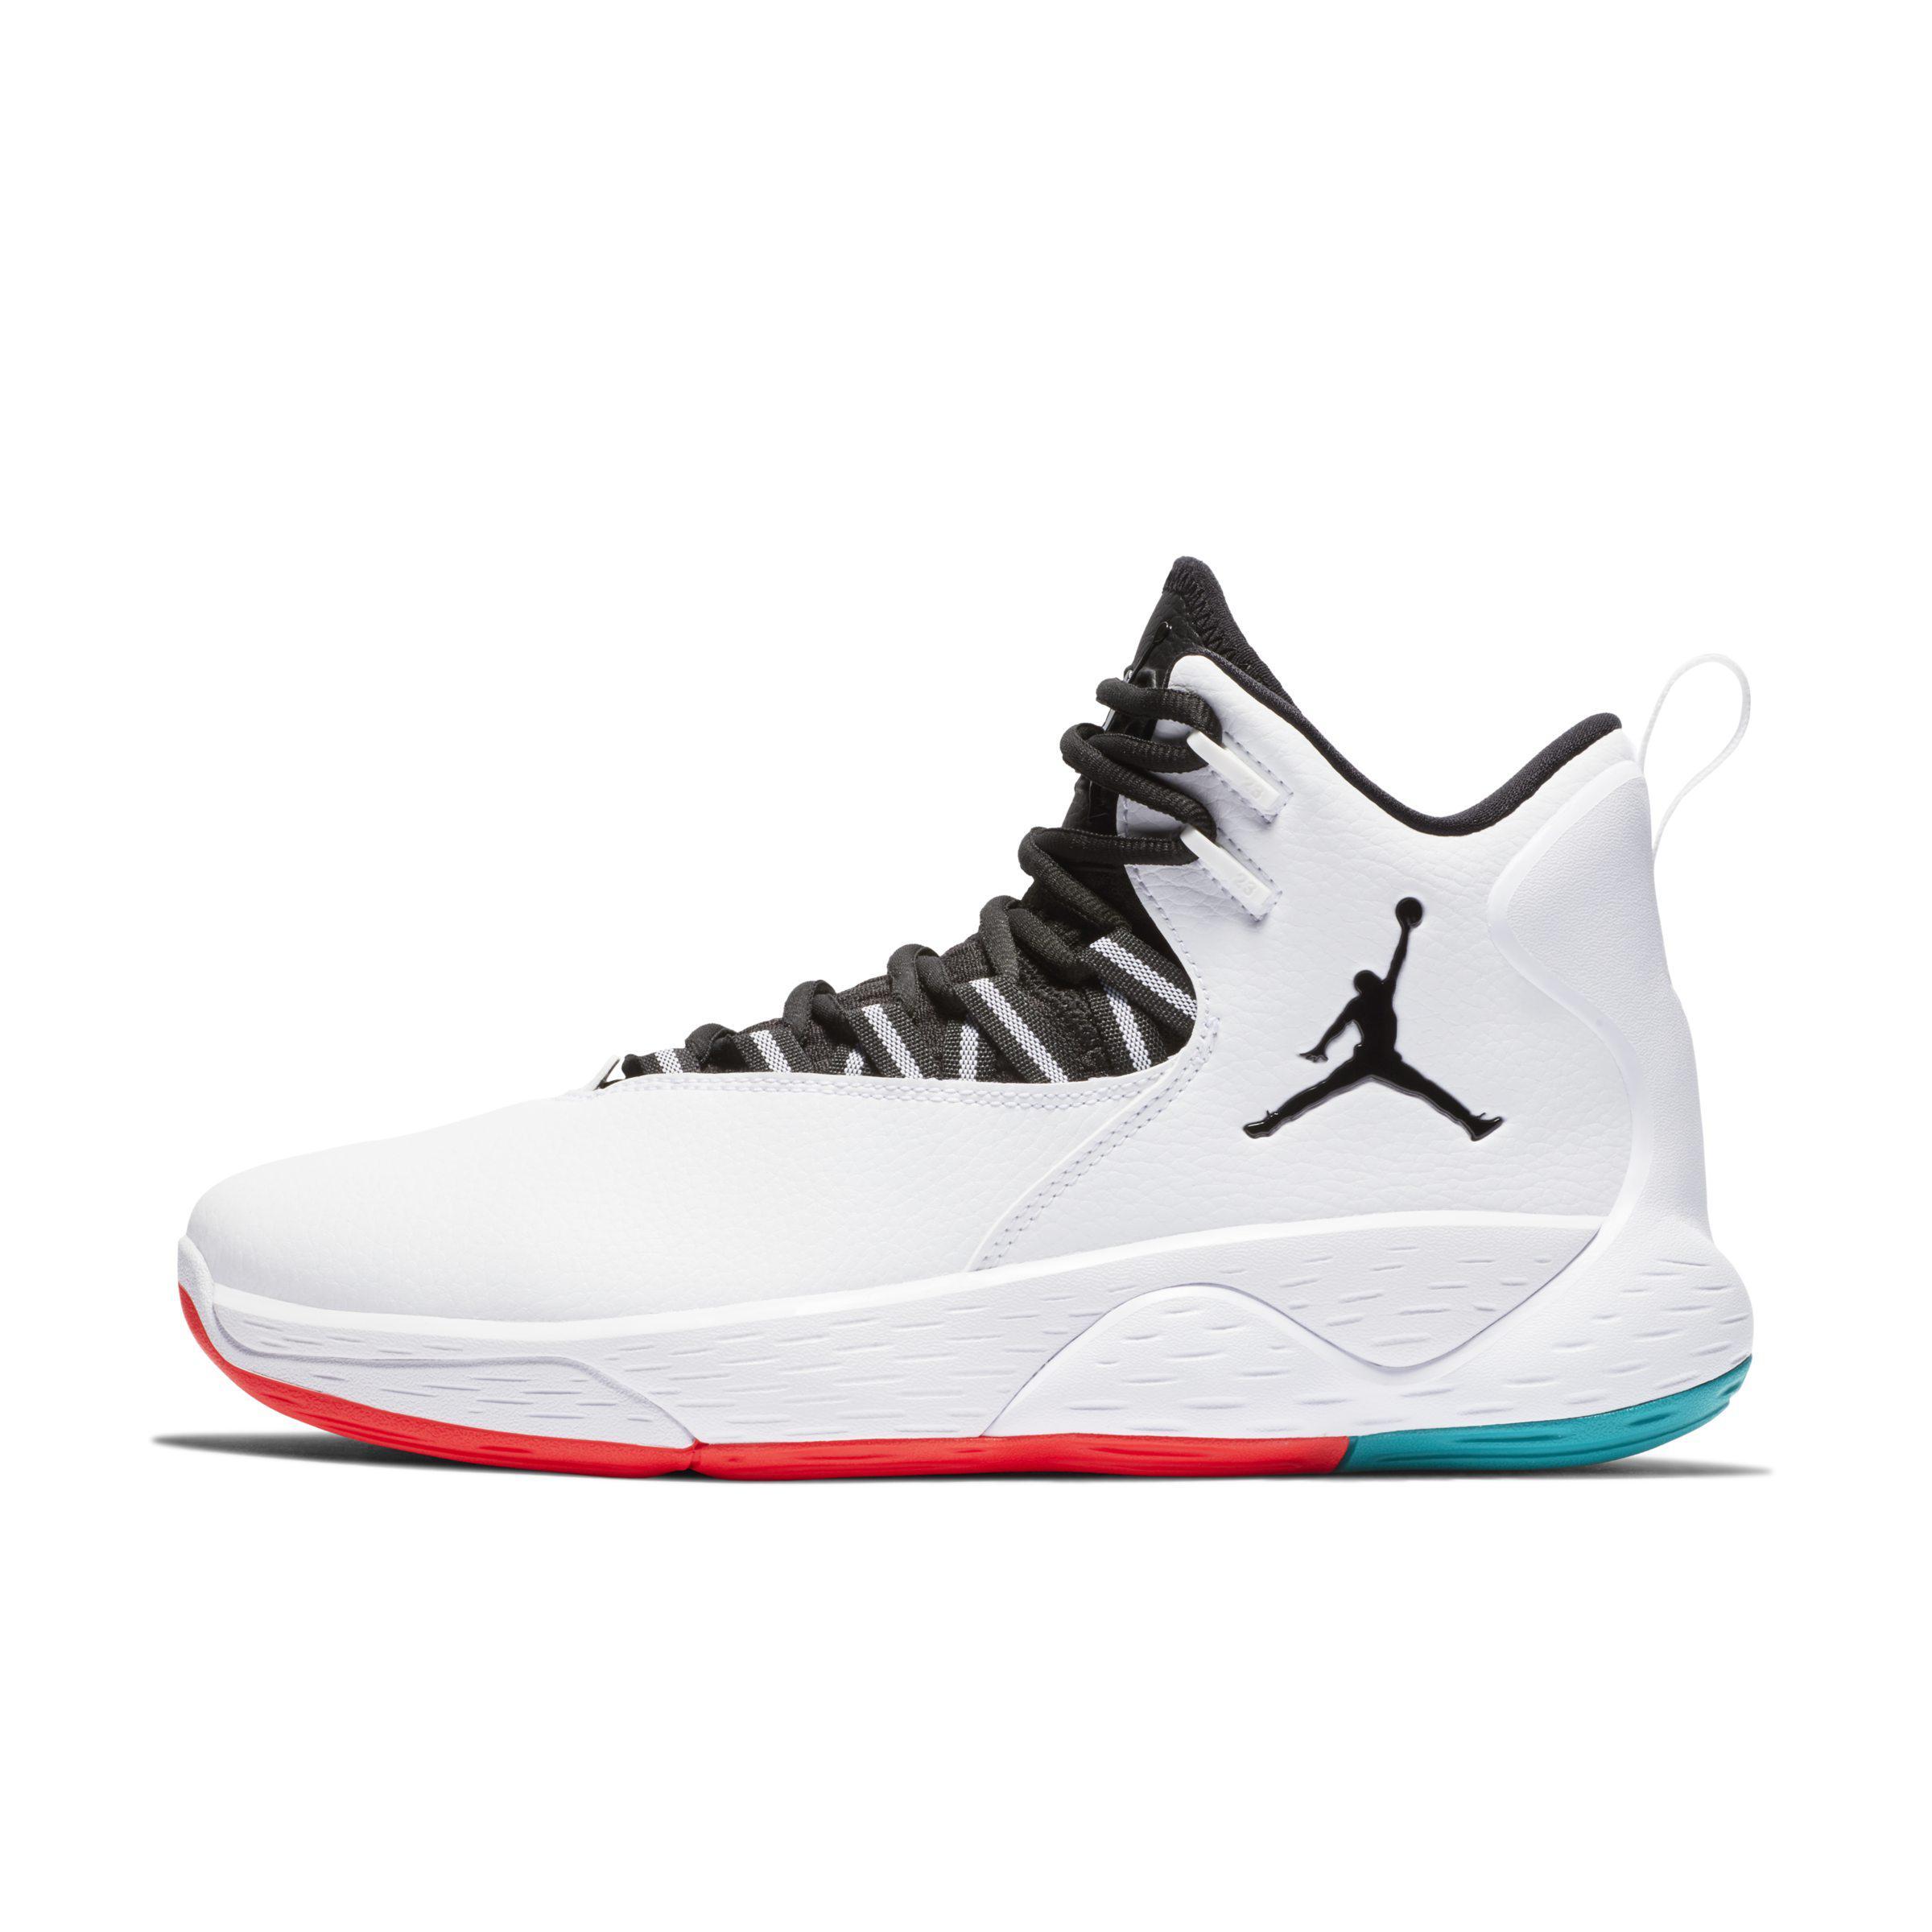 3ba8f07c464 Nike Jordan Super.fly Mvp Basketball Shoe in White for Men - Lyst